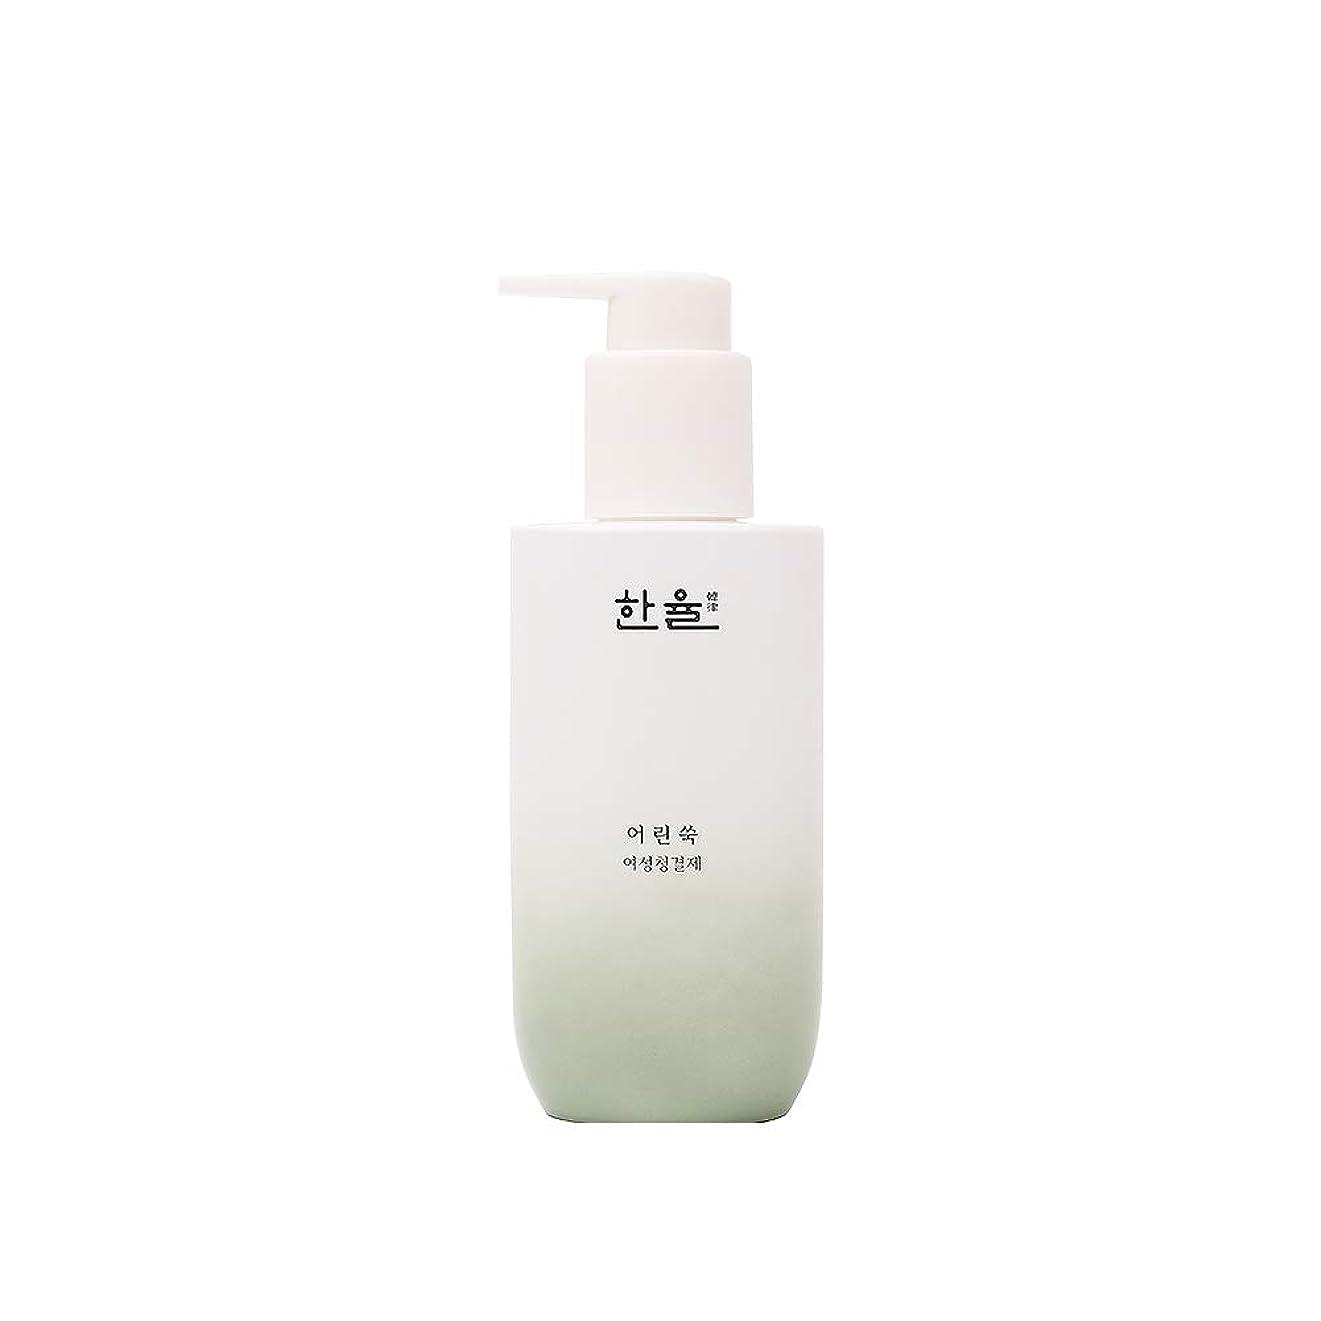 大人虐殺スーツ【HANYUL公式】 ハンユル フェミニンケアジェル 200ml / Hanyul Pure Artemisia Feminine care gel 200ml